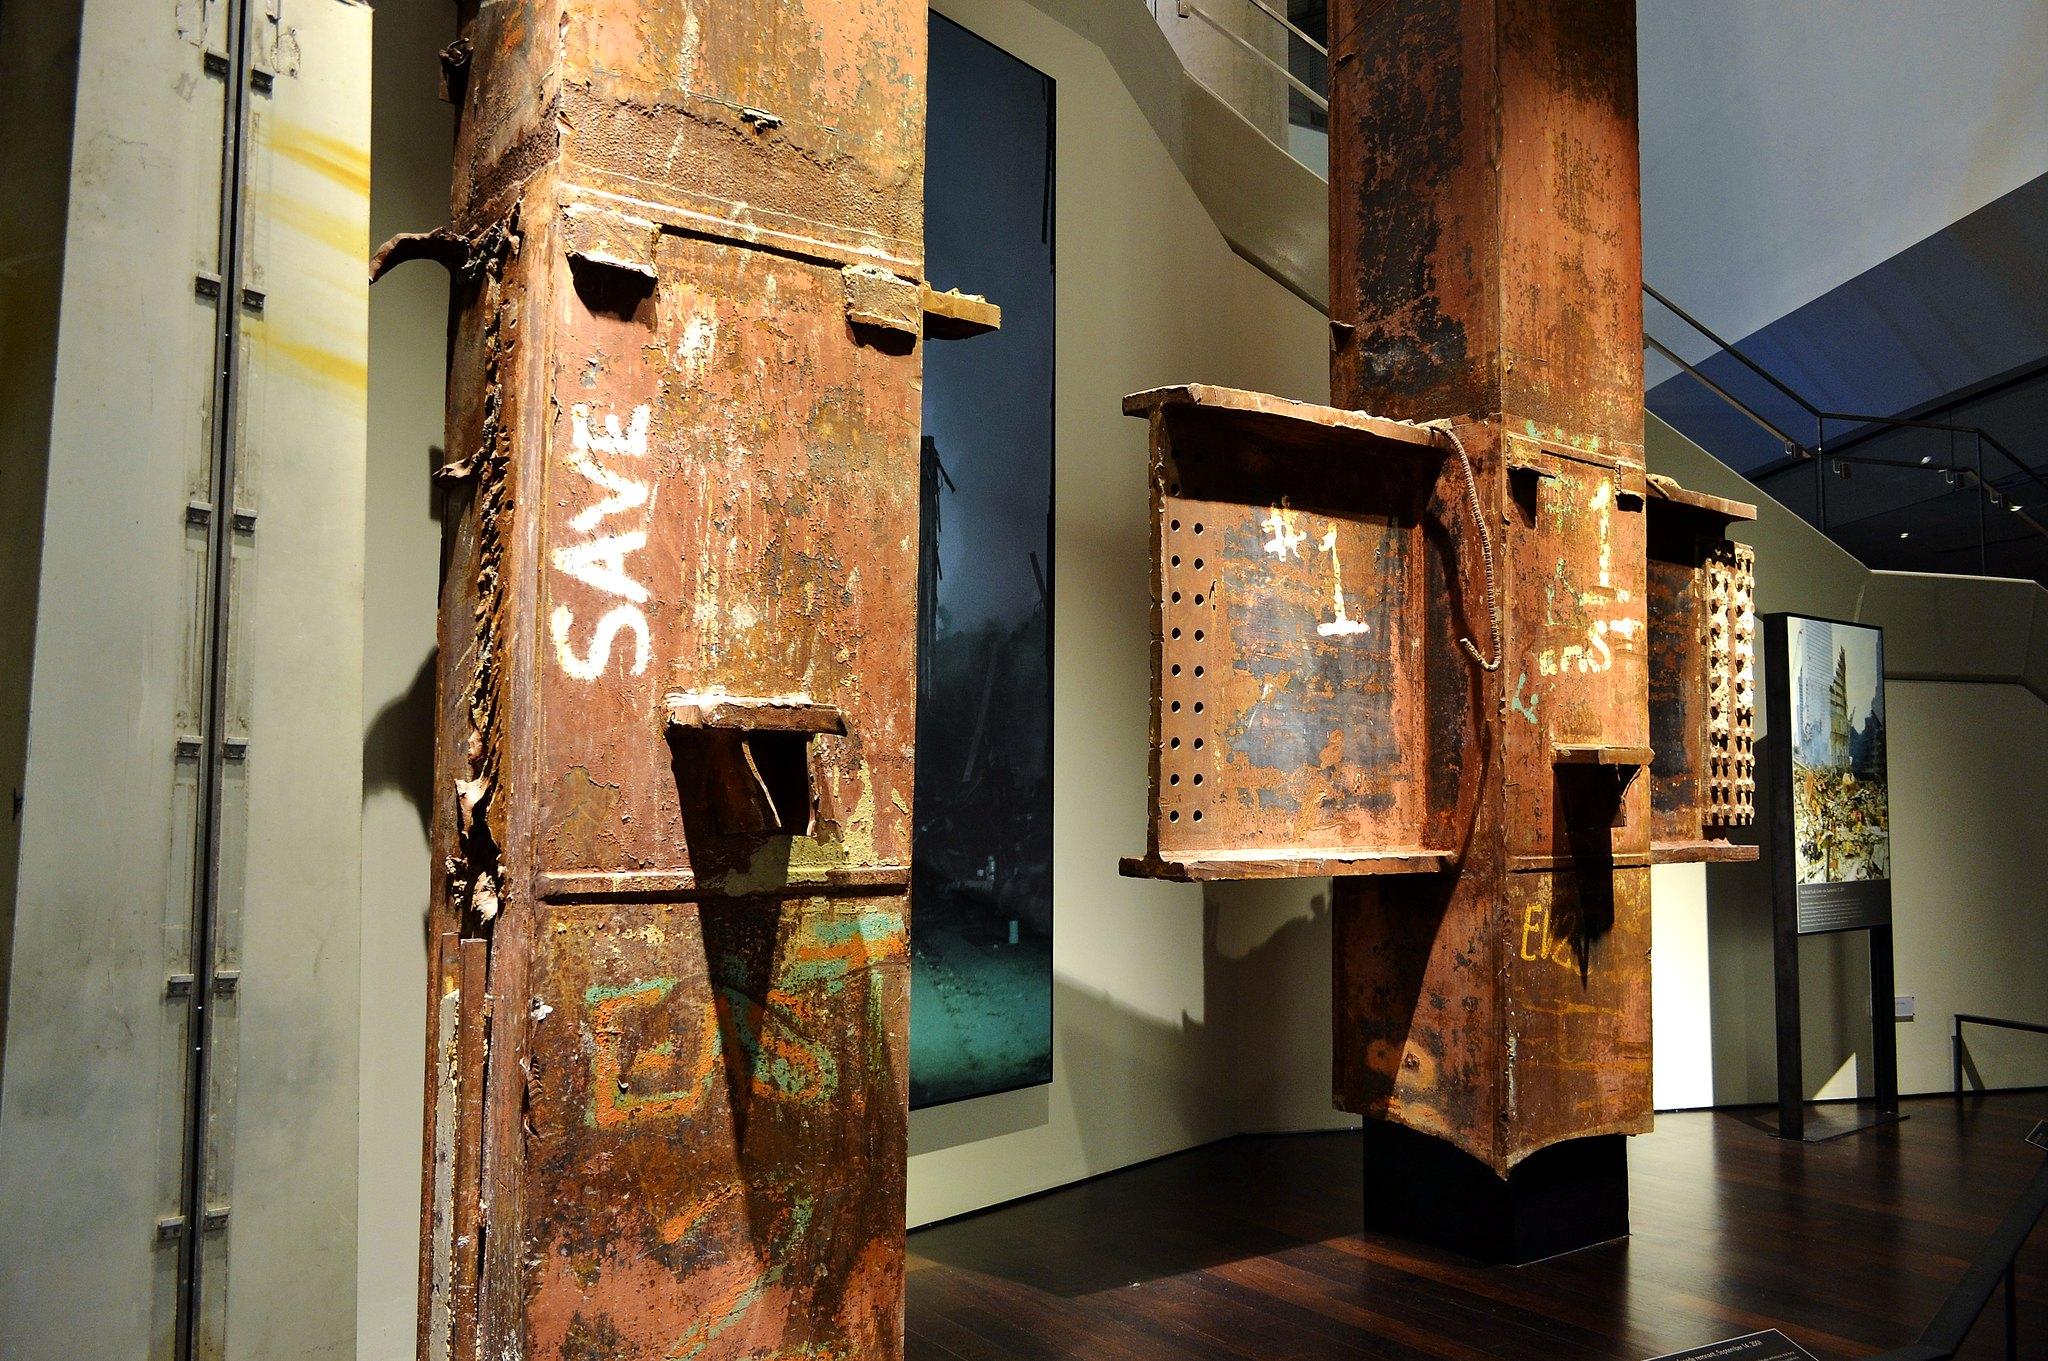 Muestra de la exposición del Museo del 11S - Flickr/gigi_nyc